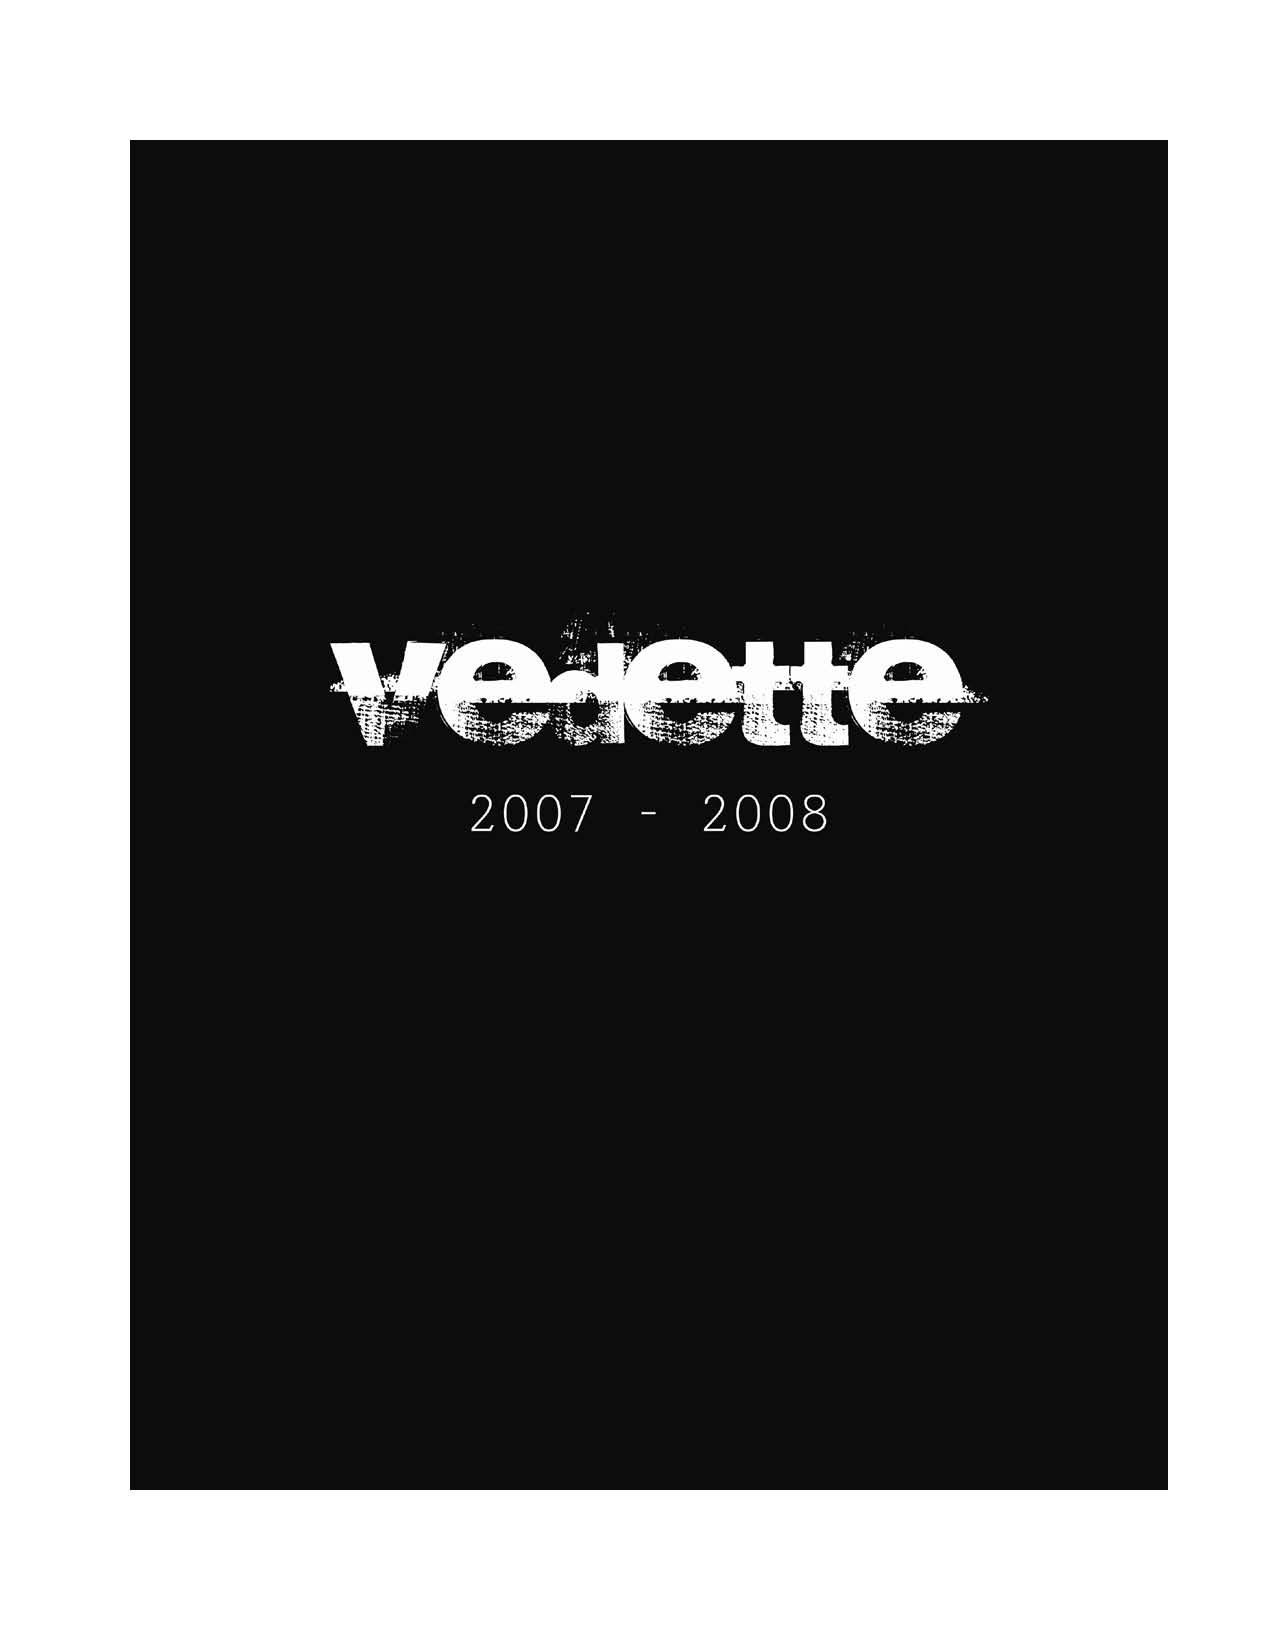 Vedette Cover 2007-2008